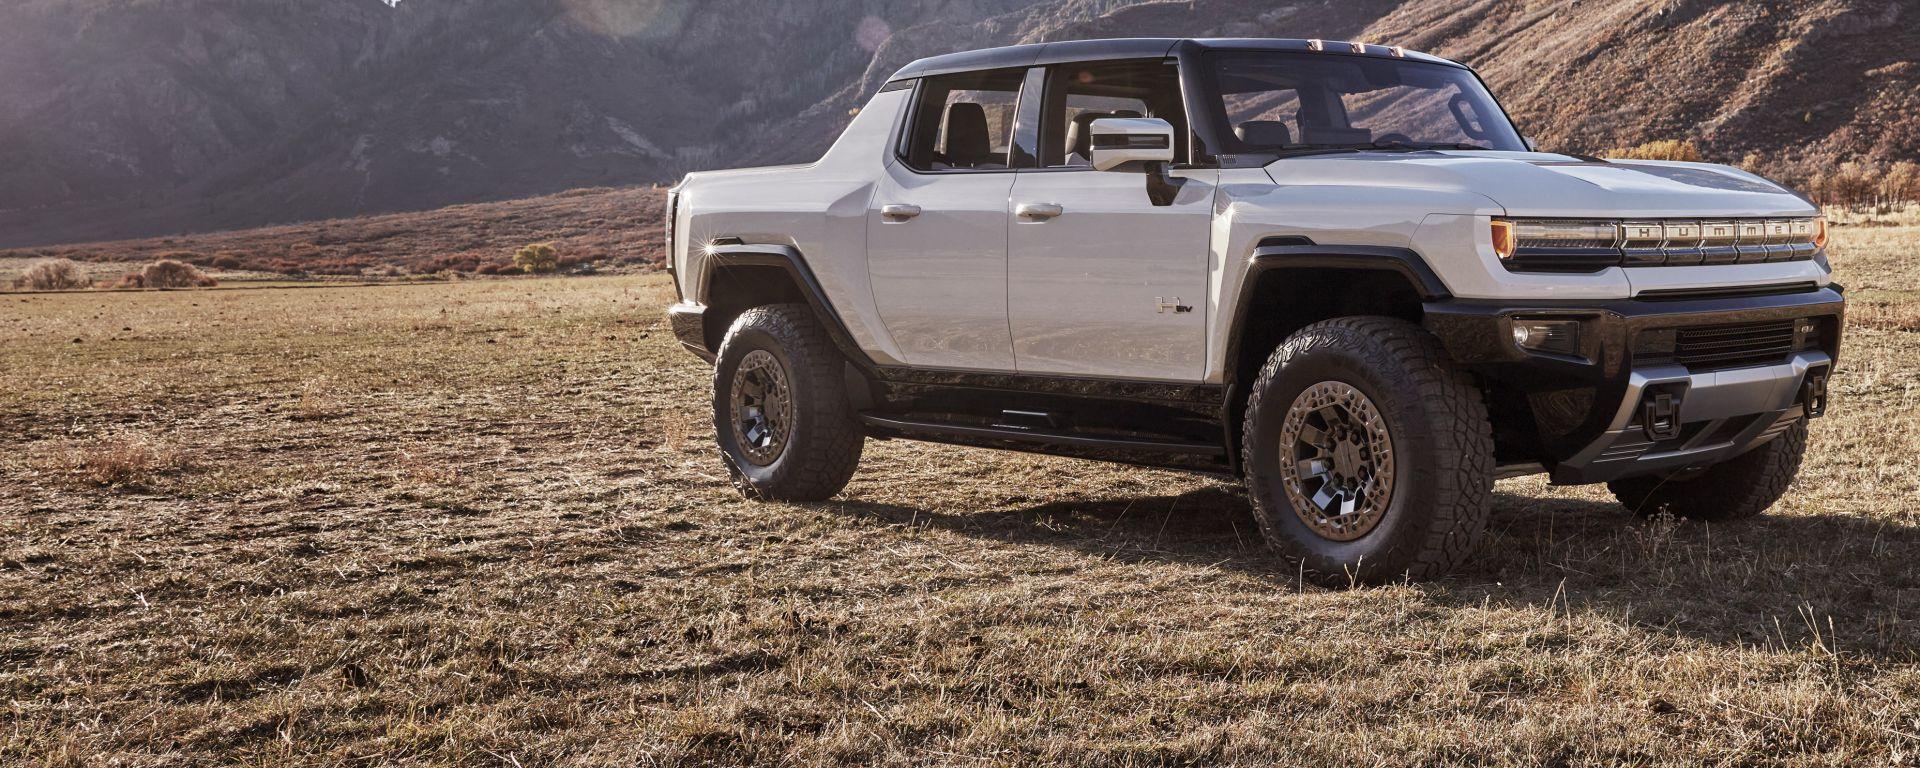 GMC Hummer EV: la prima versione arriva nel 2022